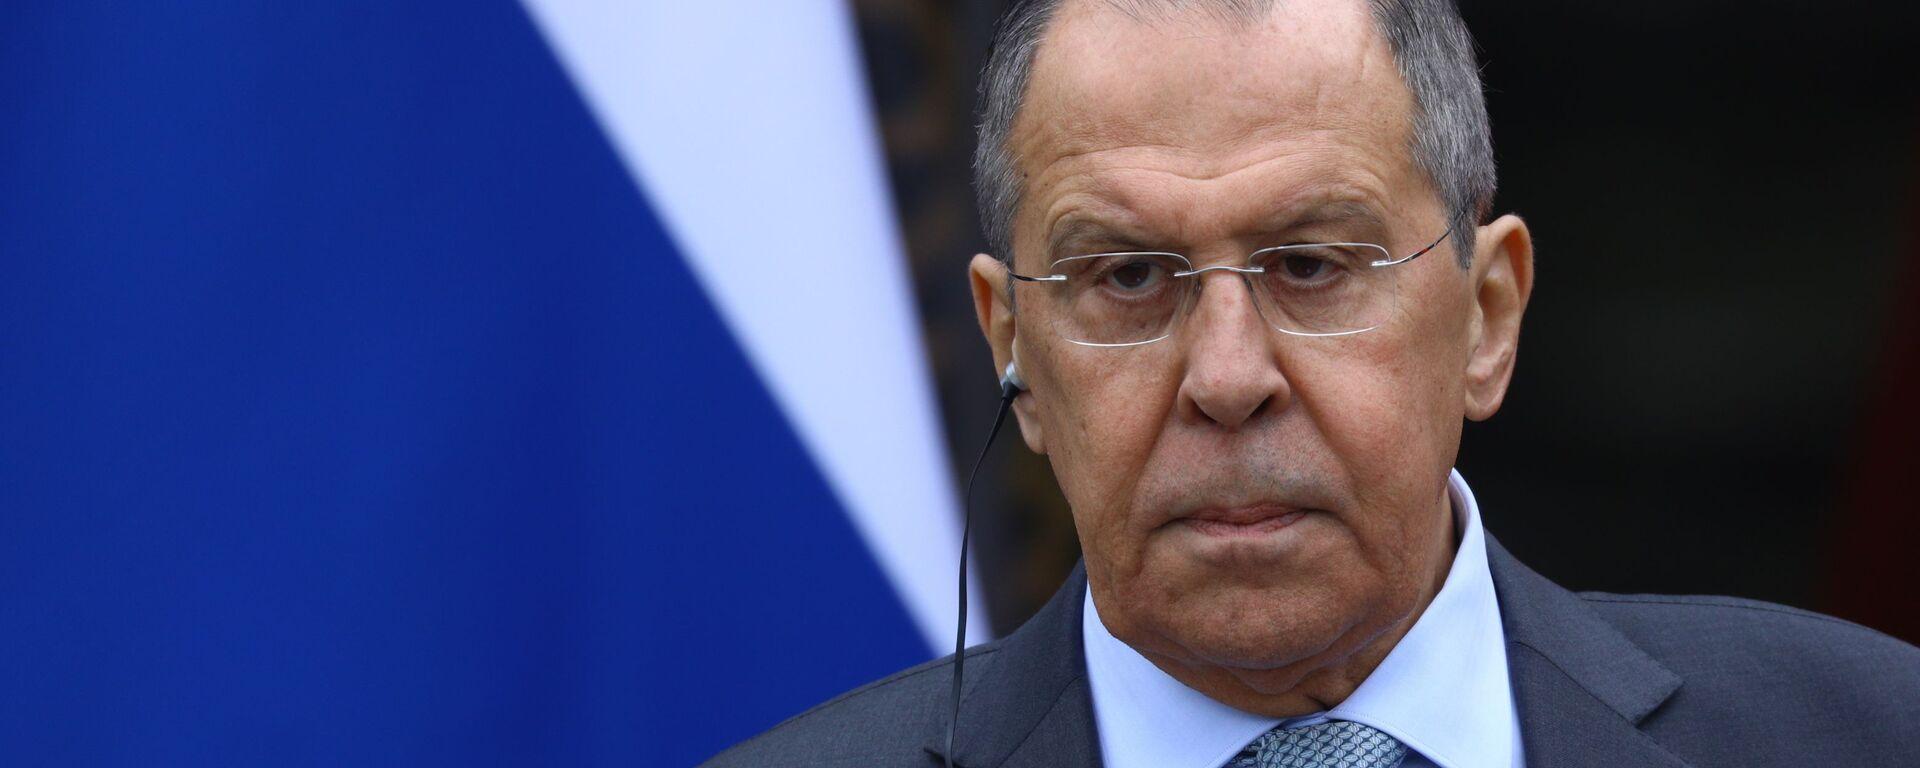 Ministar spoljnih poslova Rusije Sergej Lavrov - Sputnik Srbija, 1920, 06.04.2021